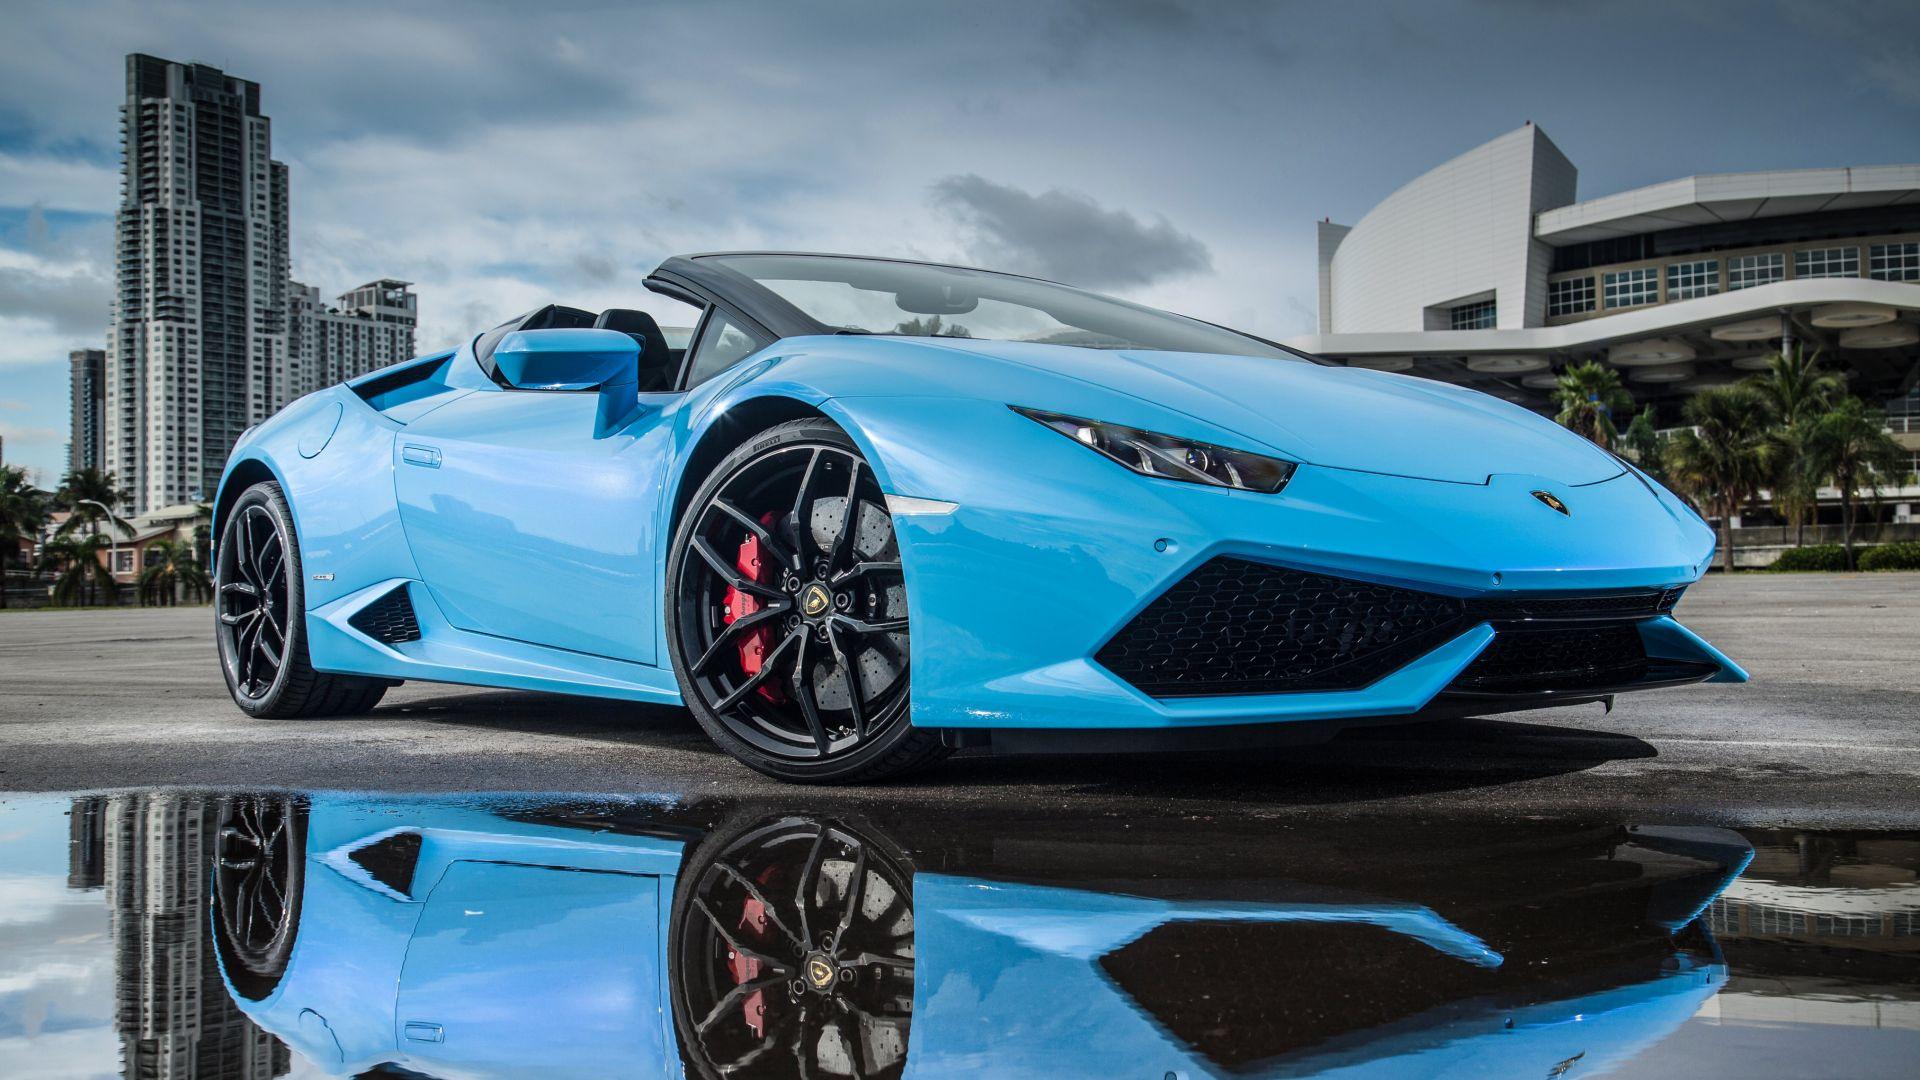 Blue Lamborghini Hd Wallpaper Desktop Wallpaper Lamborghini Huracan Blue Sports Car 4k